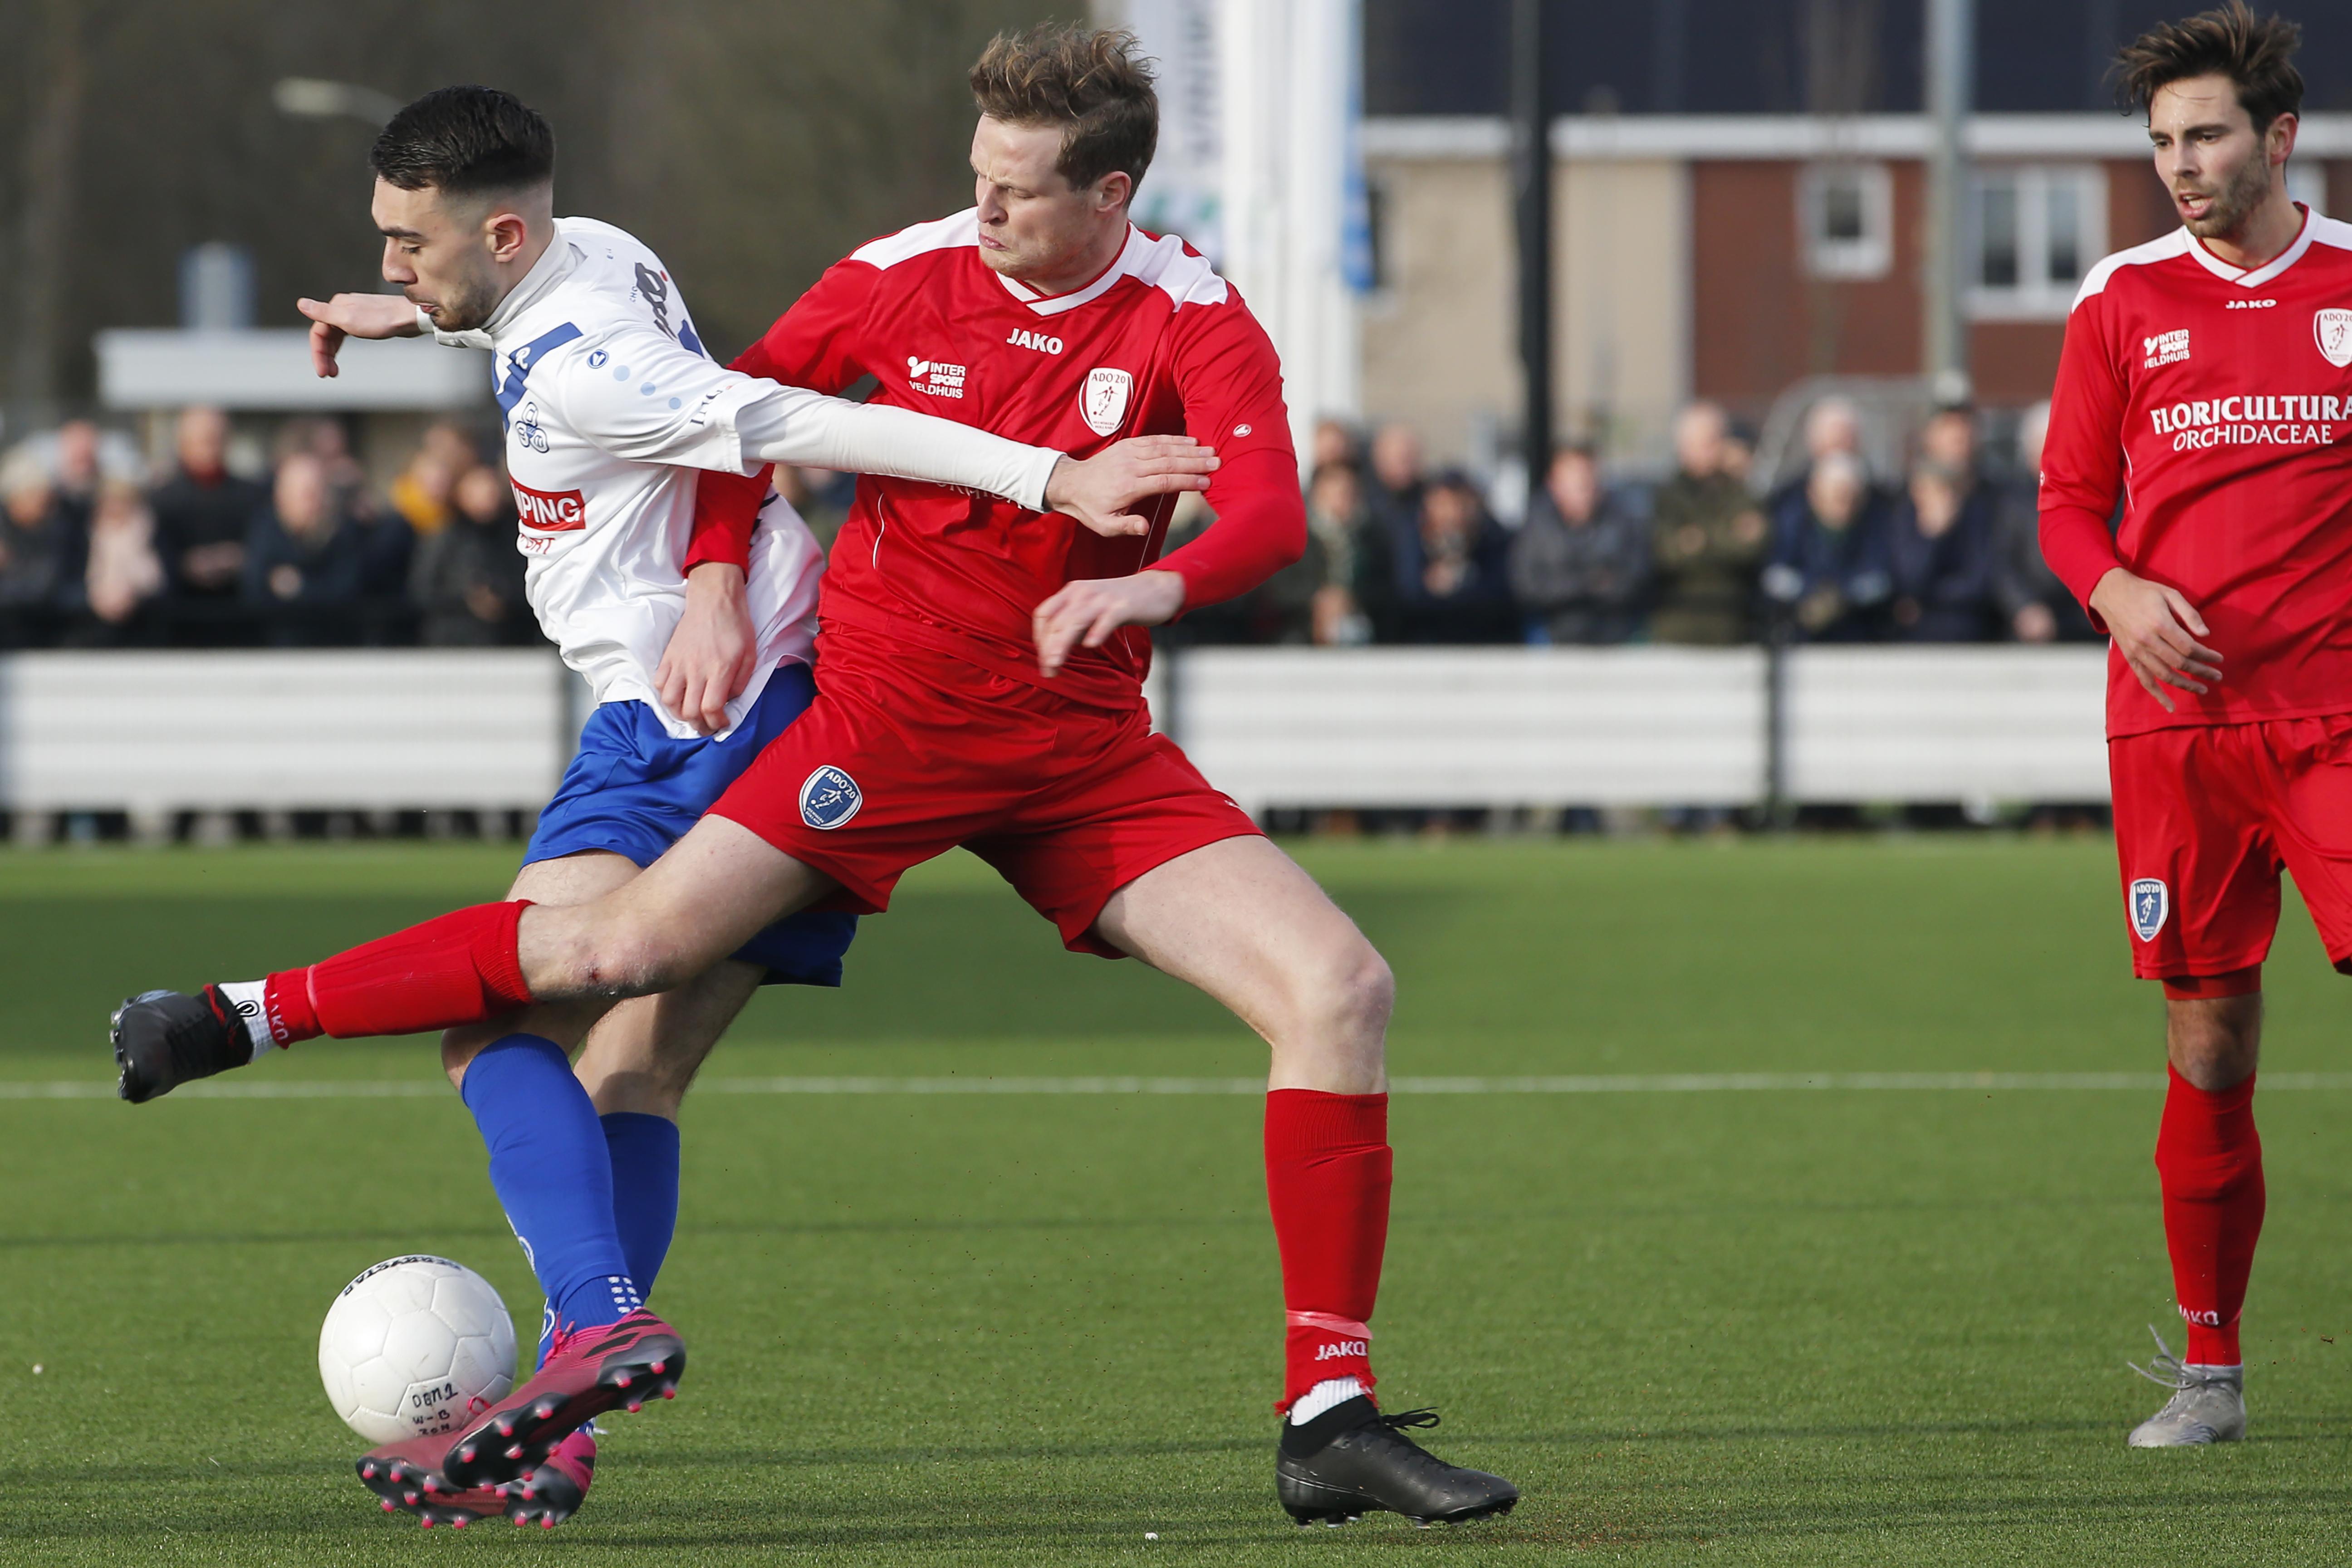 Onduidelijk of Odin'59 wel voor beker tegen FC Volendam mag spelen: 'Amateursport wordt onevenredig hard getroffen'